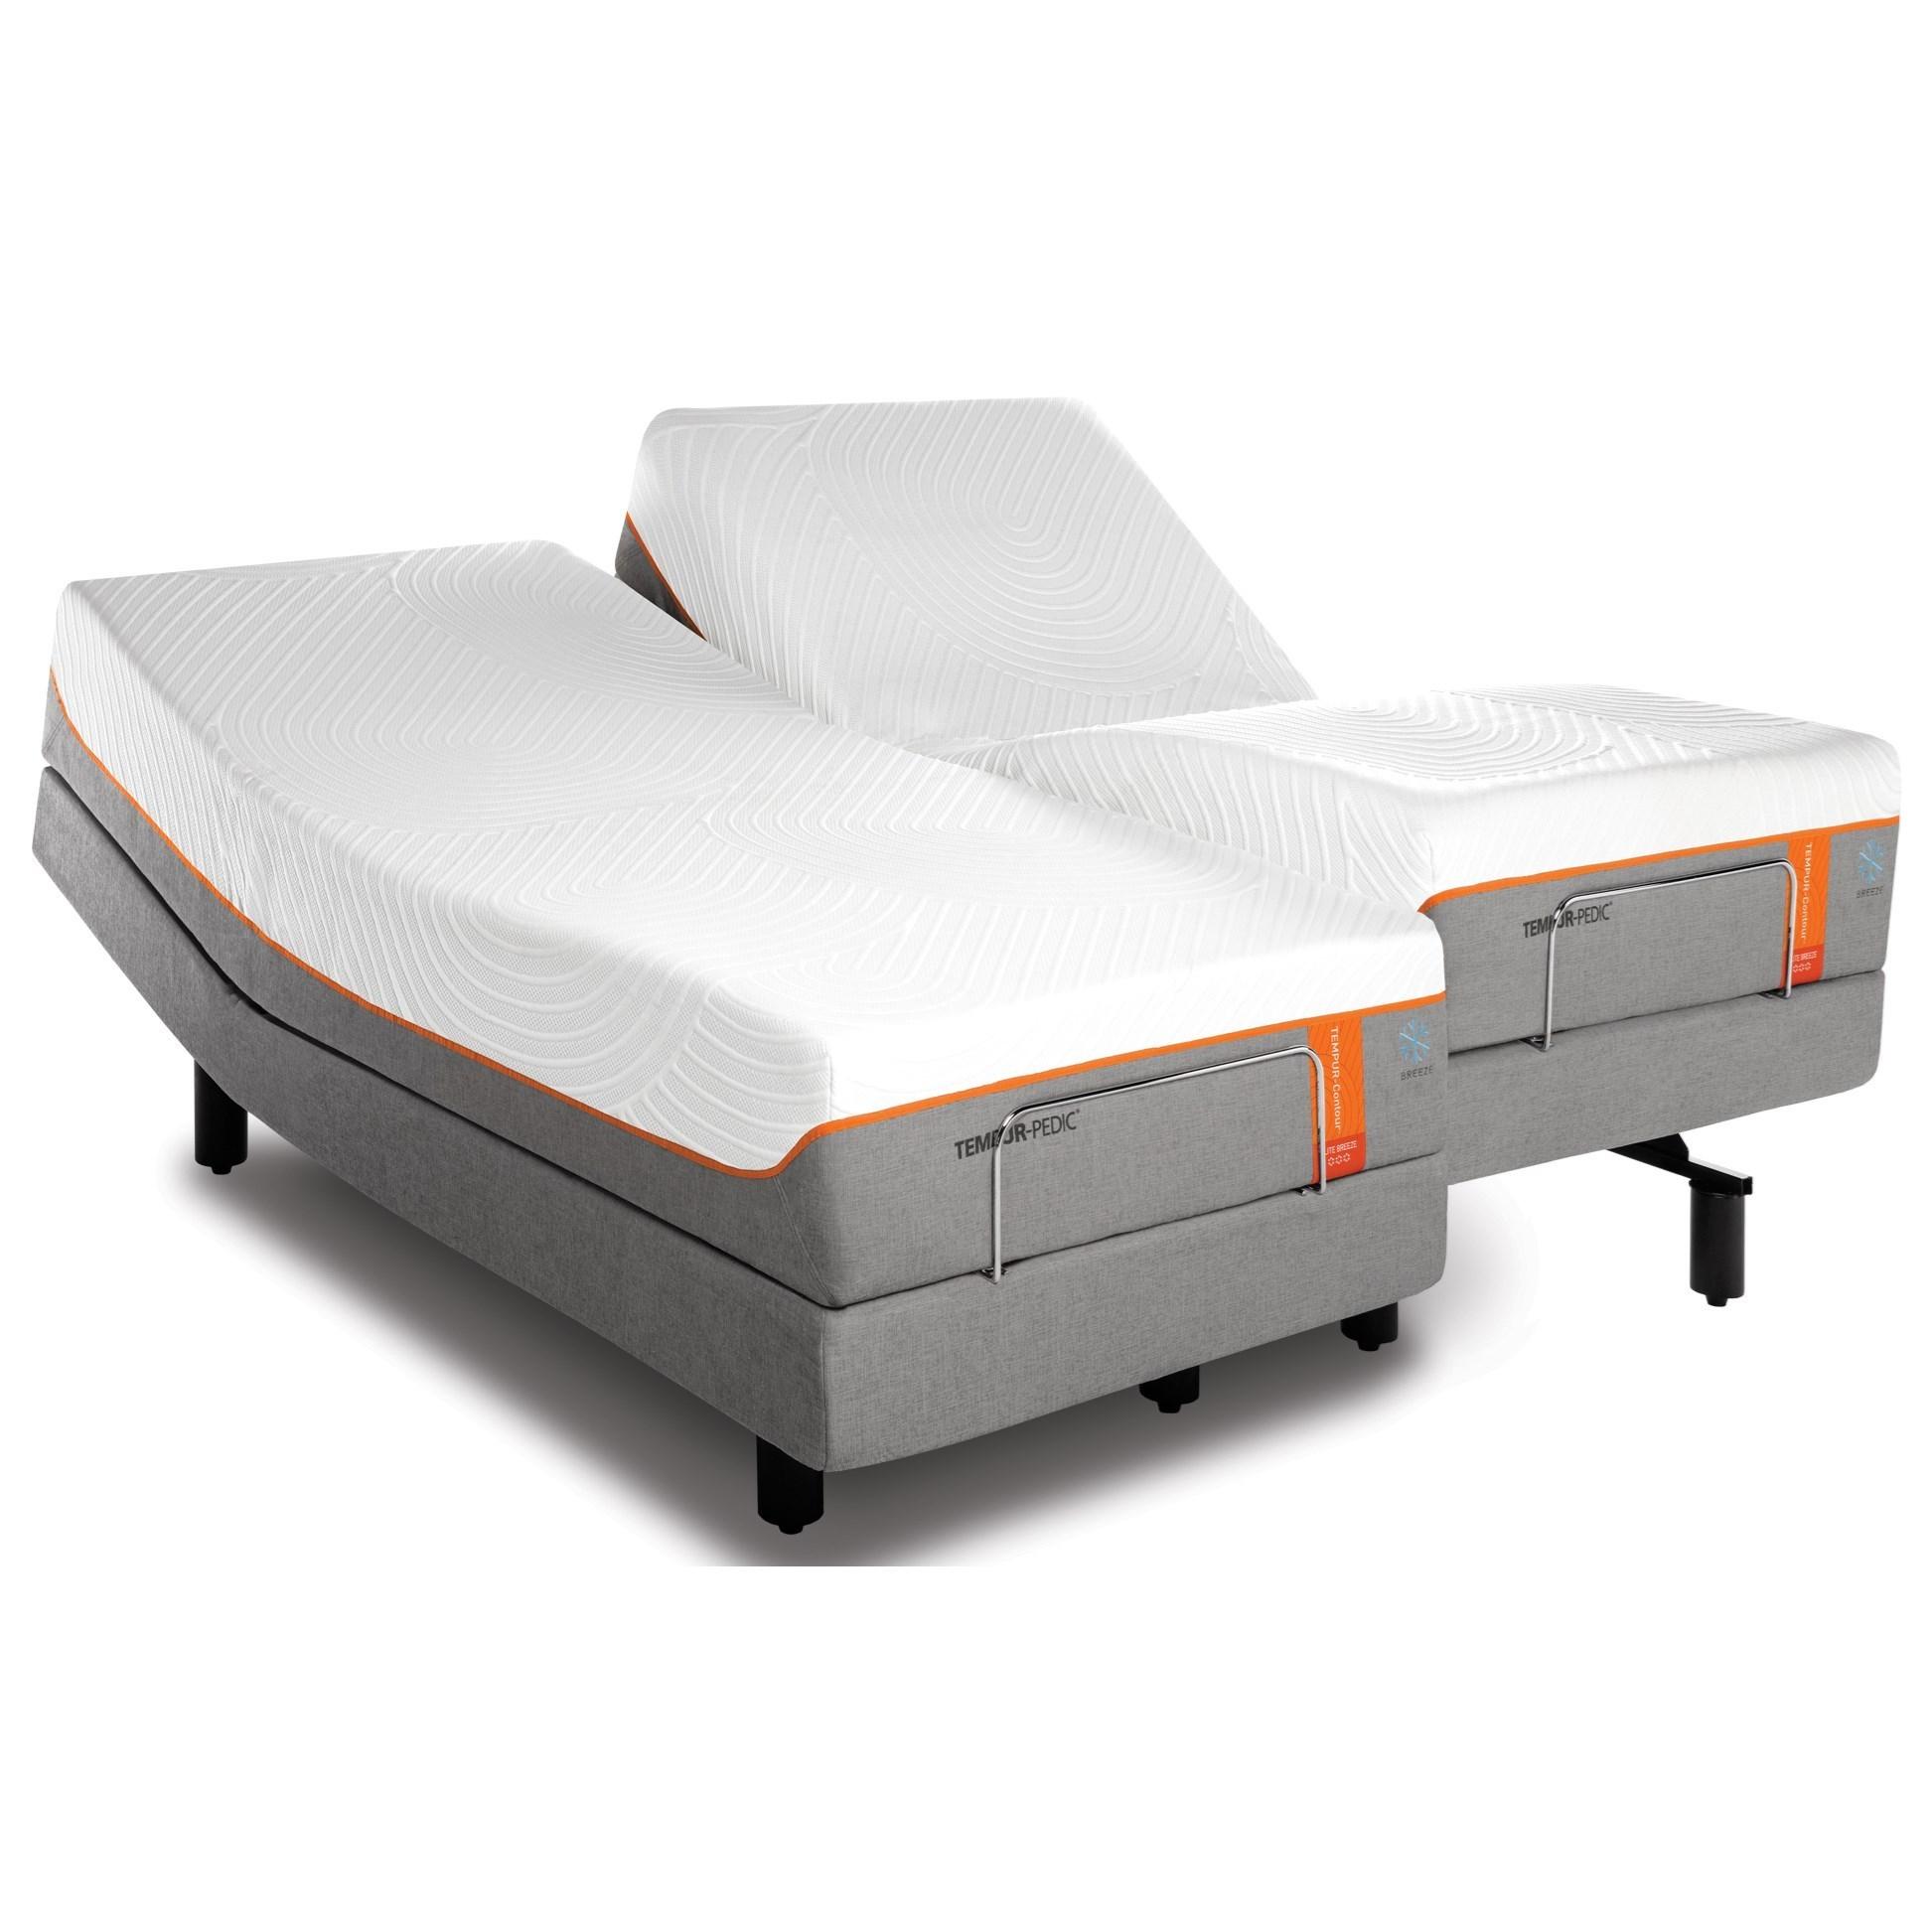 Tempur-Pedic® TEMPUR-Contour Elite Breeze Queen Medium Firm Adjustable Set - Item Number: 10290250+25565250